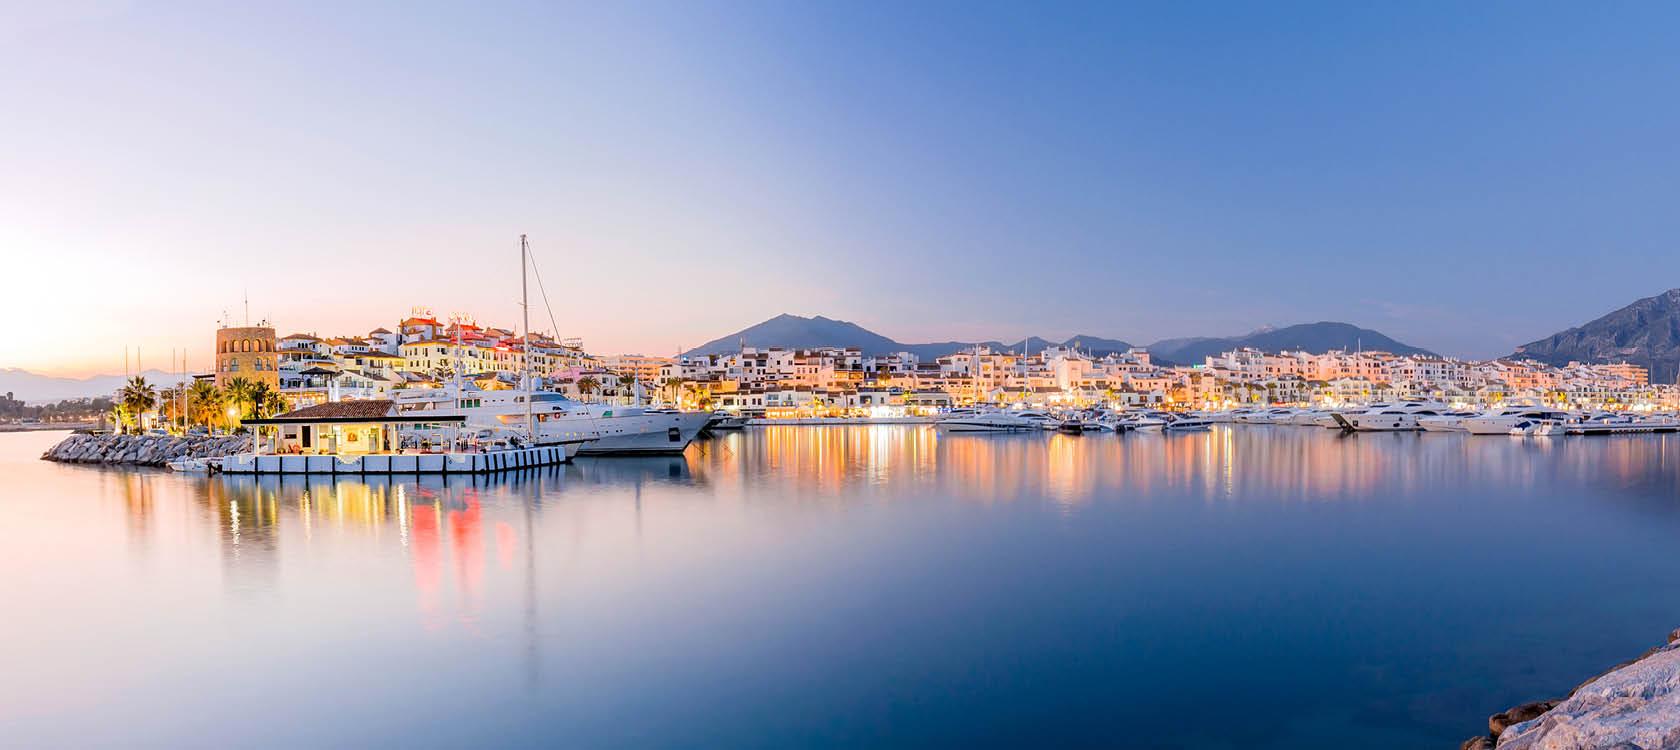 Den glittrande lyxbåtsmarinan i semesterorten Puerto Banus, Marbella.